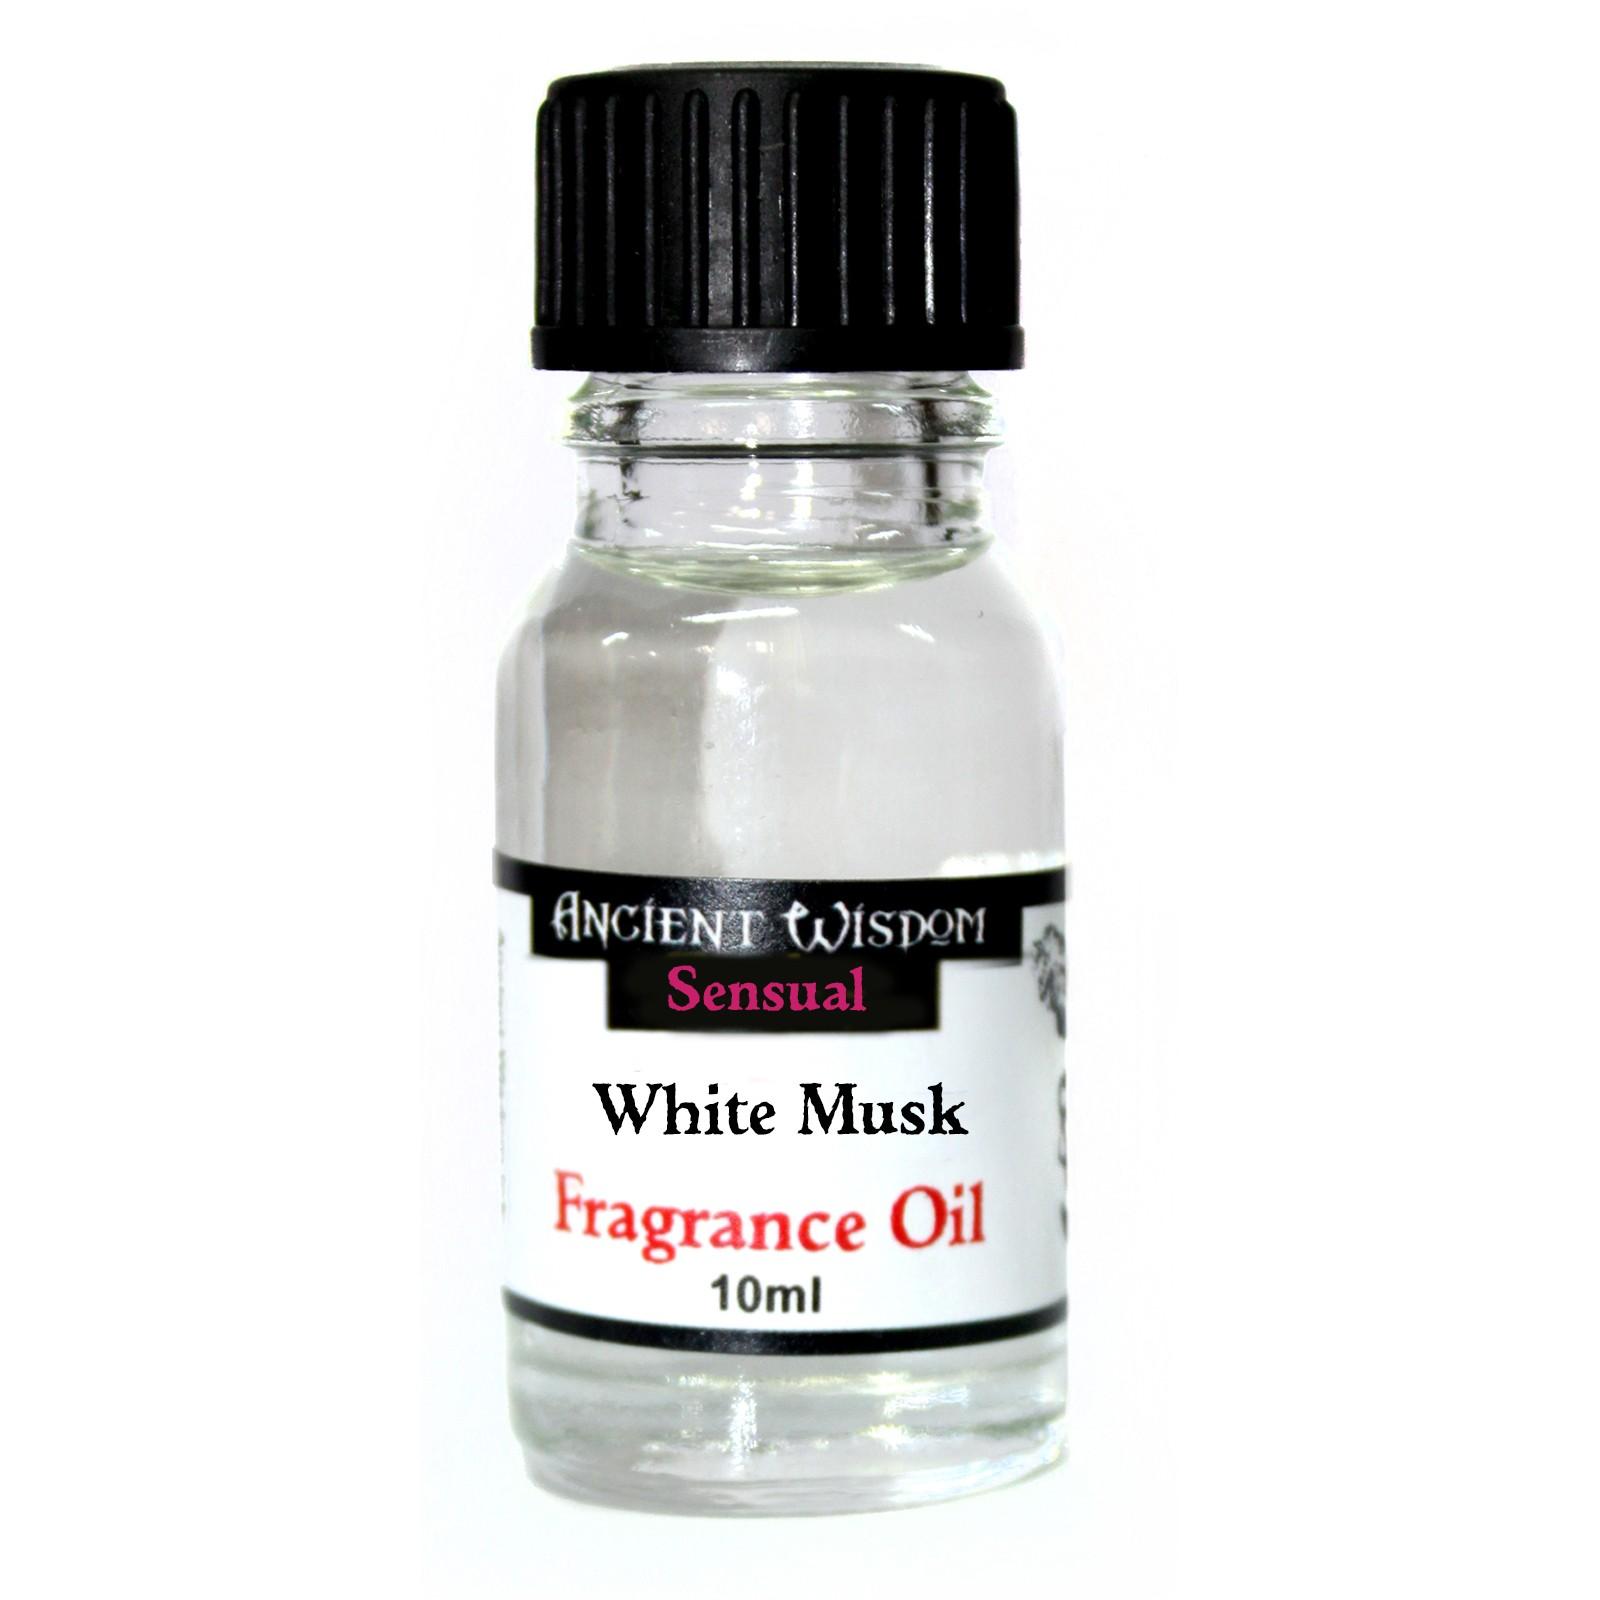 10ml White Musk Fragrance Oil